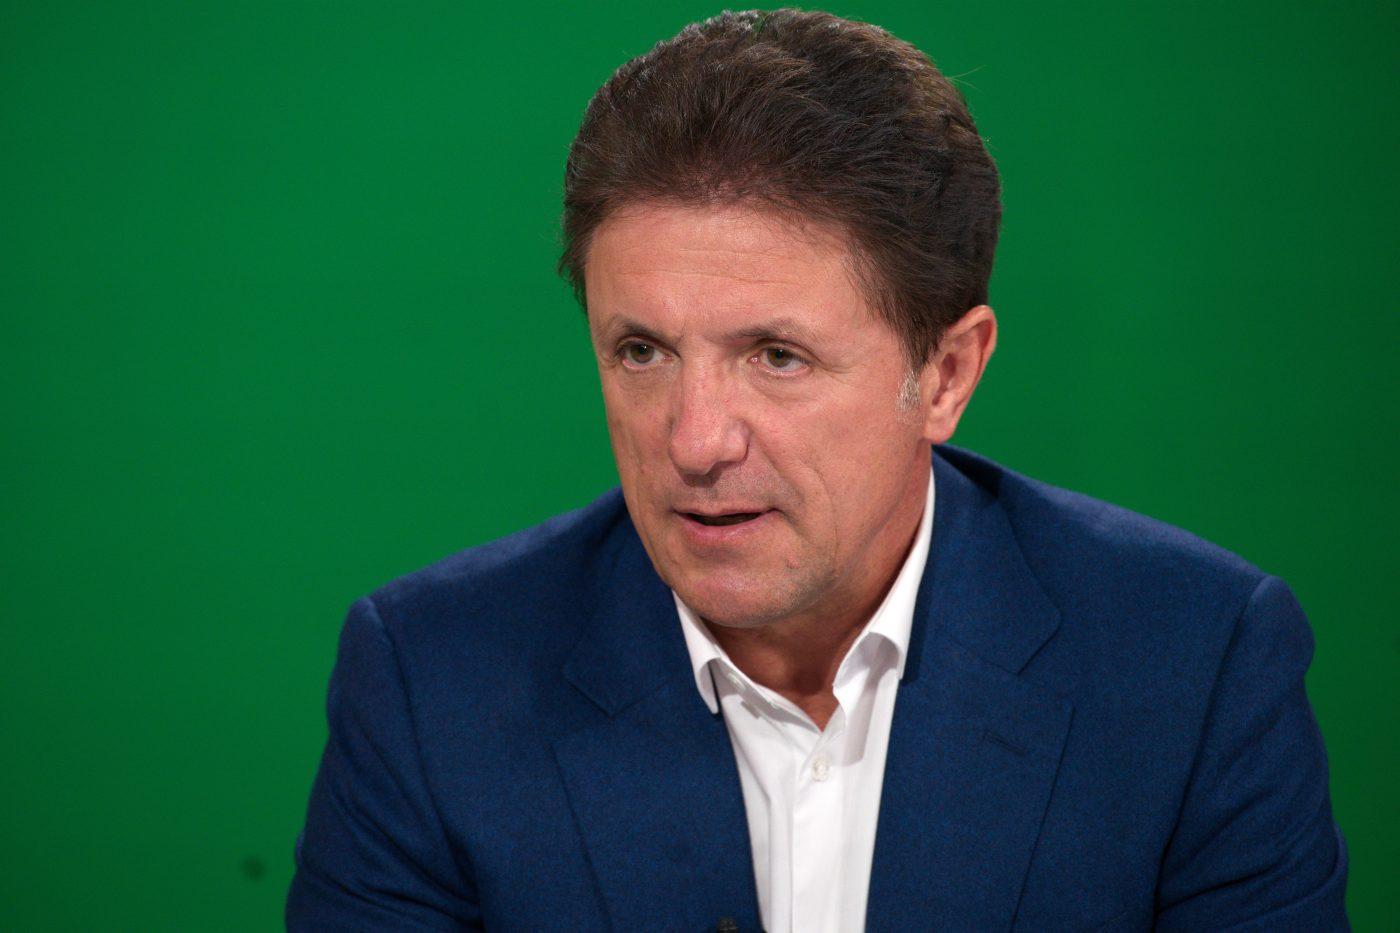 """LPF, răspuns amplu pentru Gică Popescu, după ce președintele Farului și-a exprimat nemulțumirea privind amânarea meciului cu FCSB: """"Situația invocată nu este asemănătoare"""""""